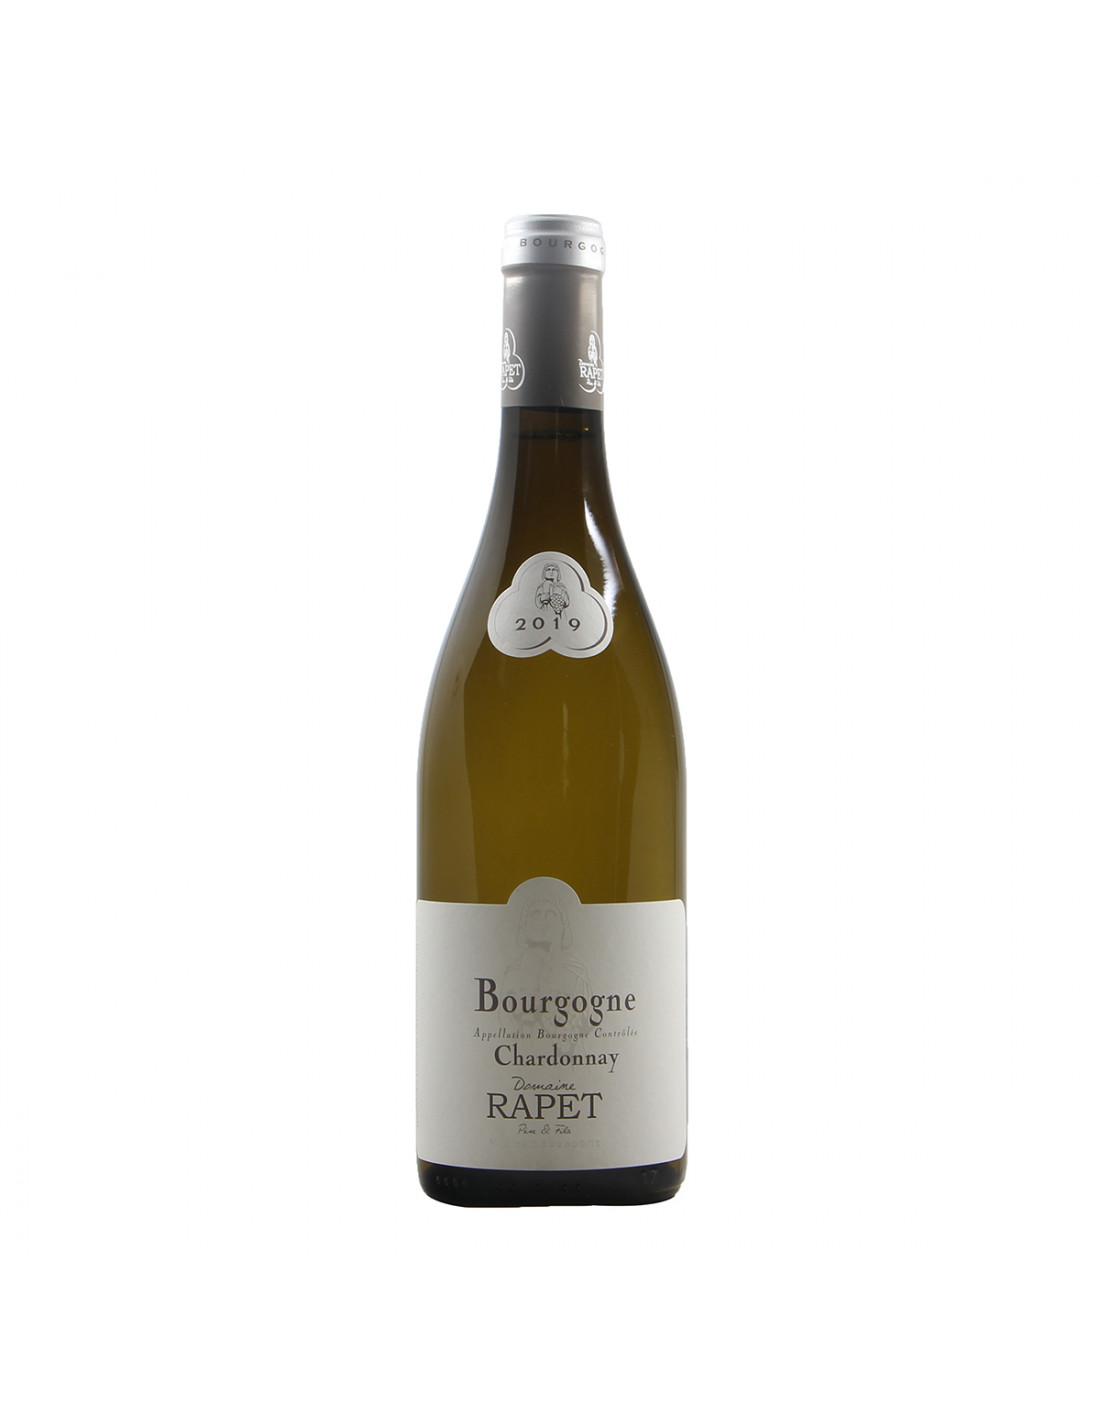 Domaine Rapet Bourgogne Chardonnay 2019 Grandi Bottiglie